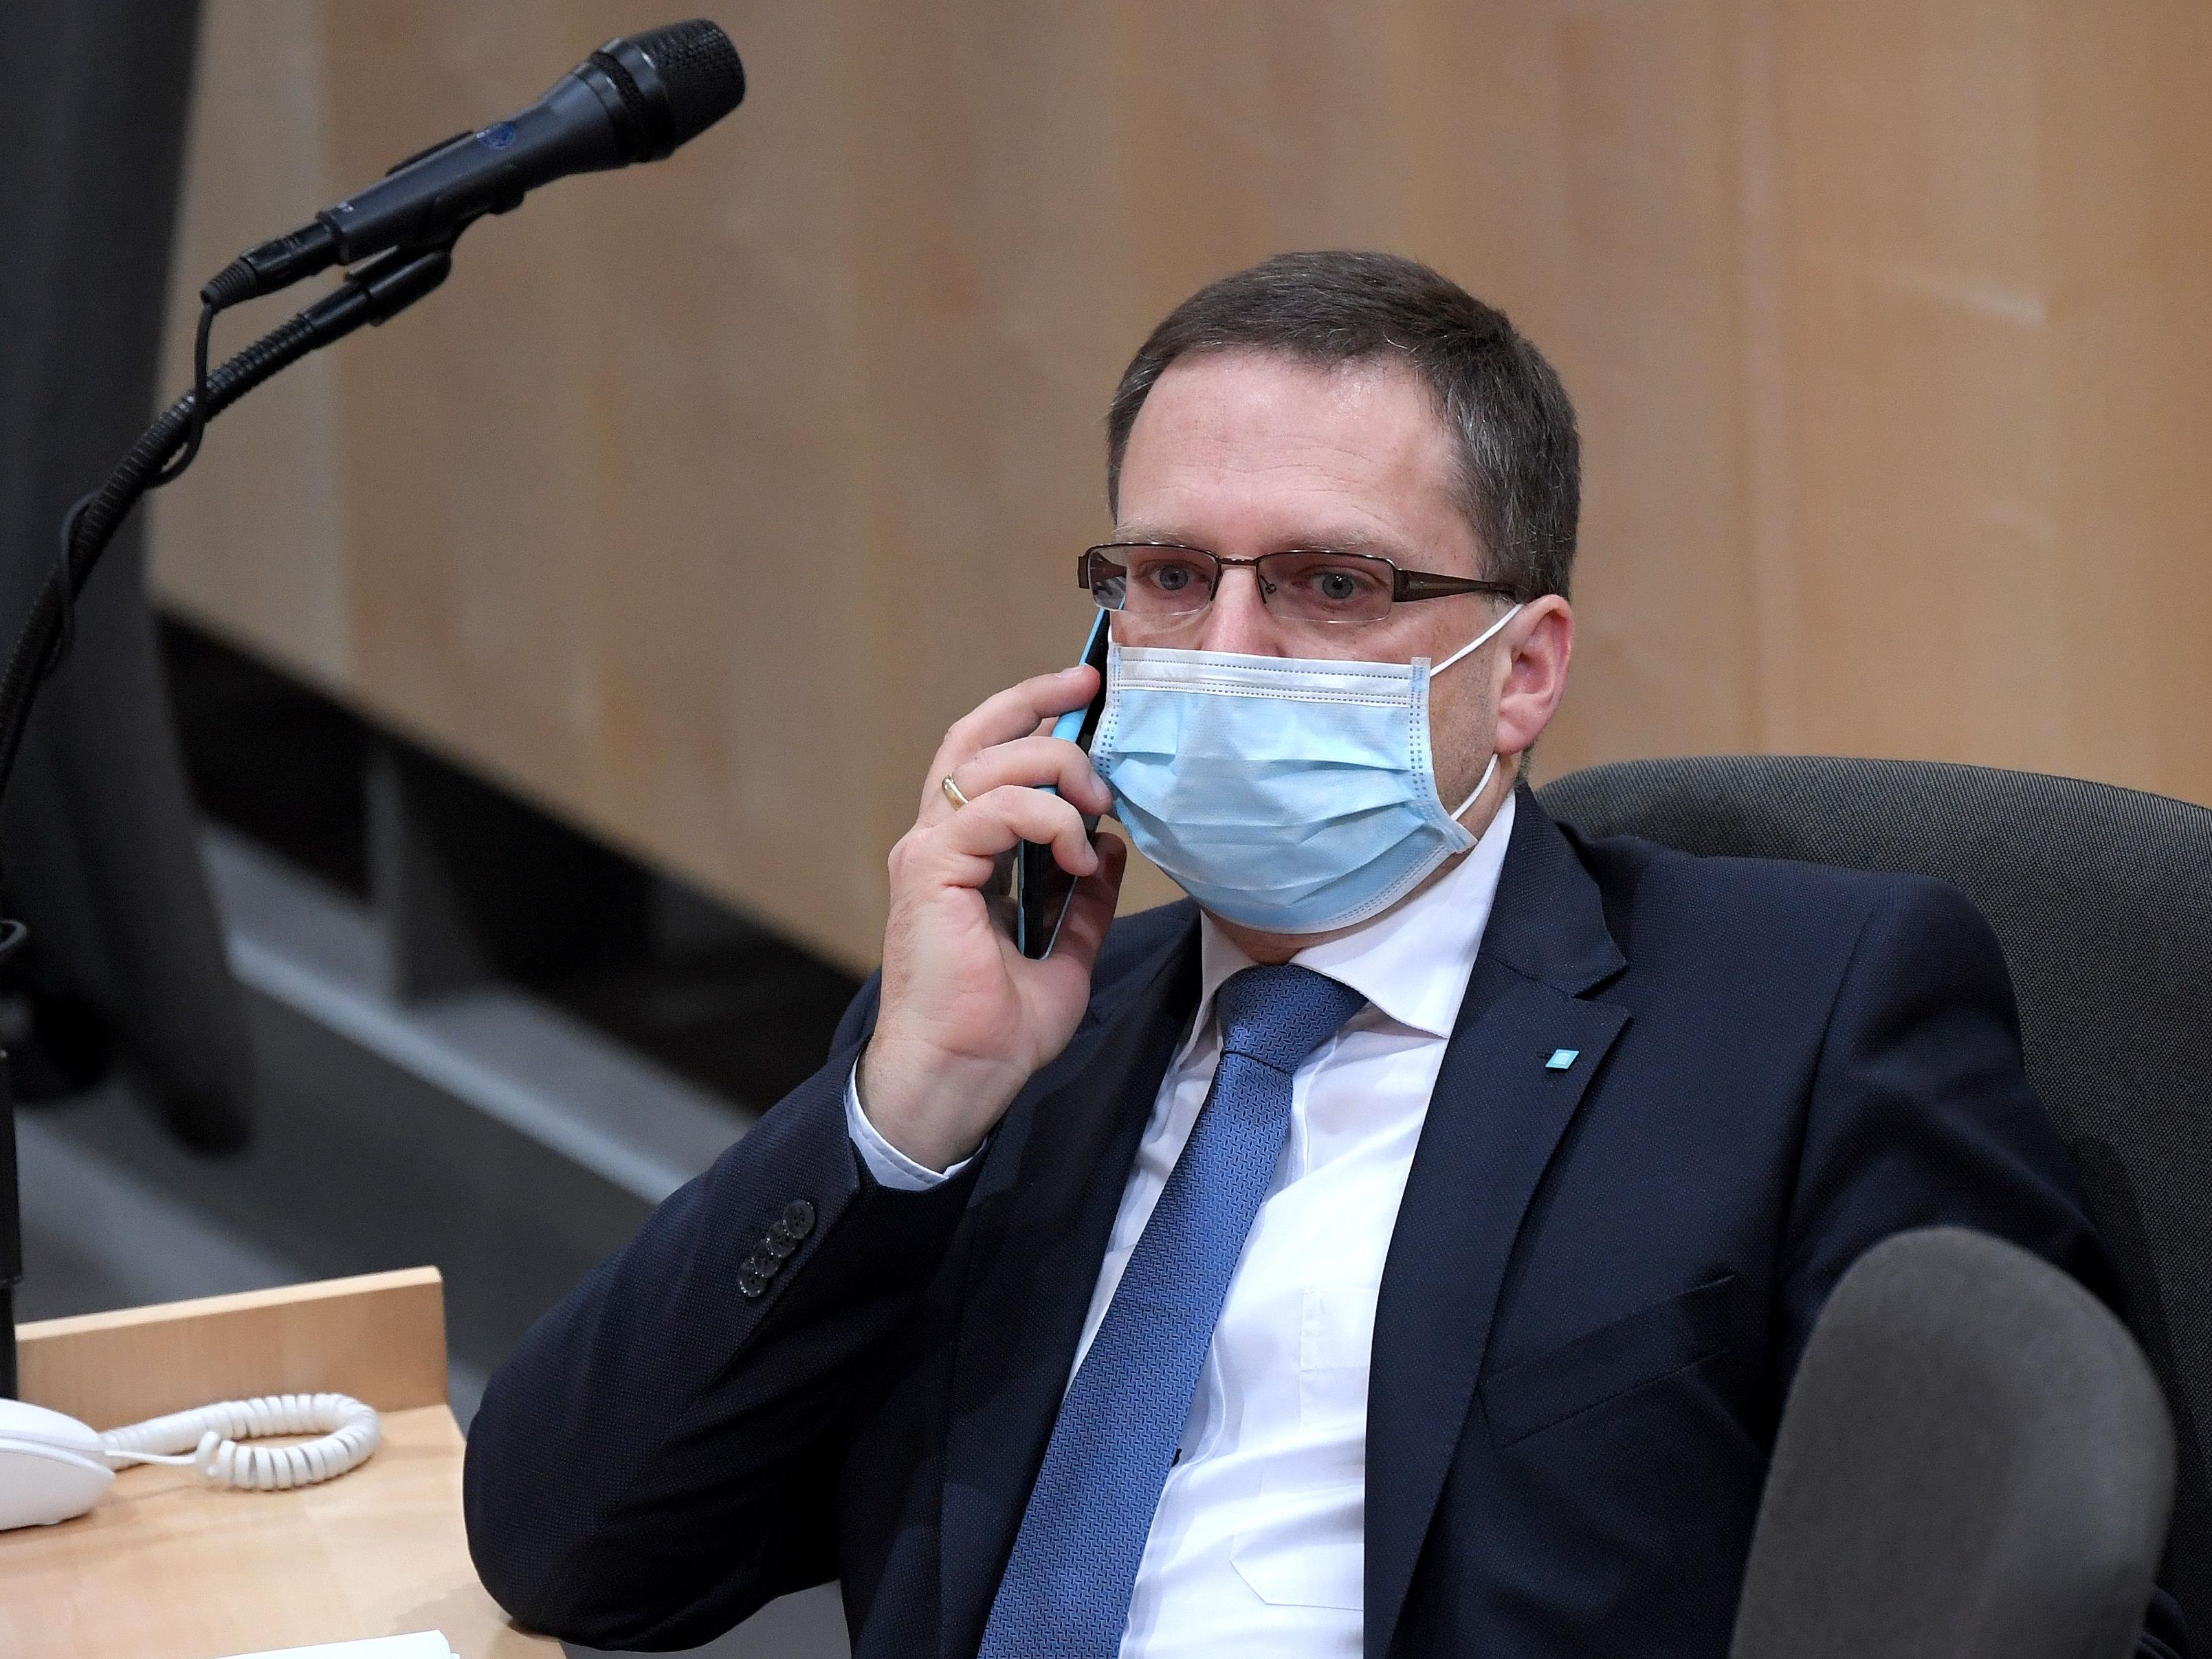 Wöginger appelliert an die Opposition um Vernunft und Verständnis.